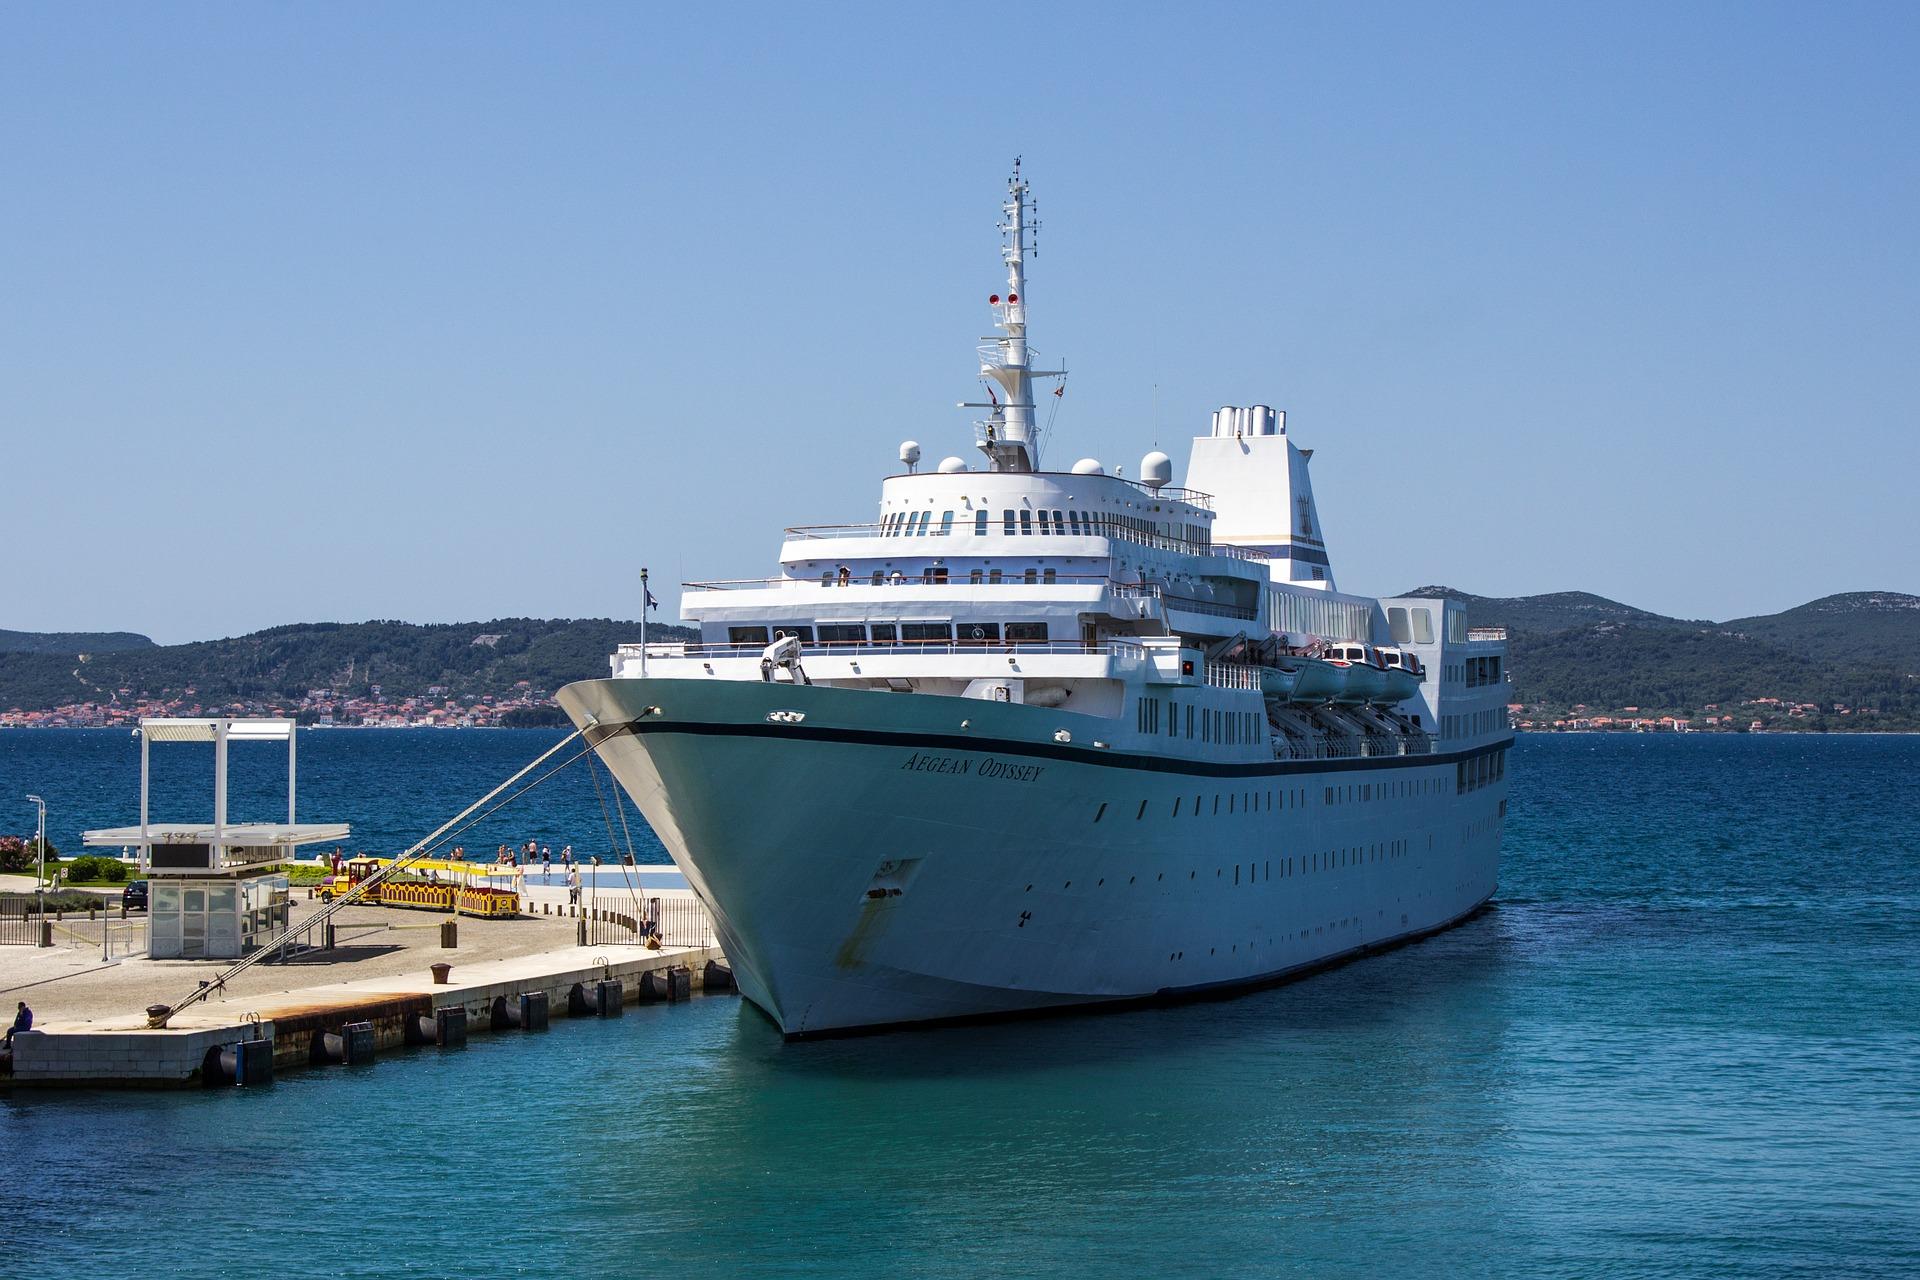 Urlaub an der Adria - Hafen